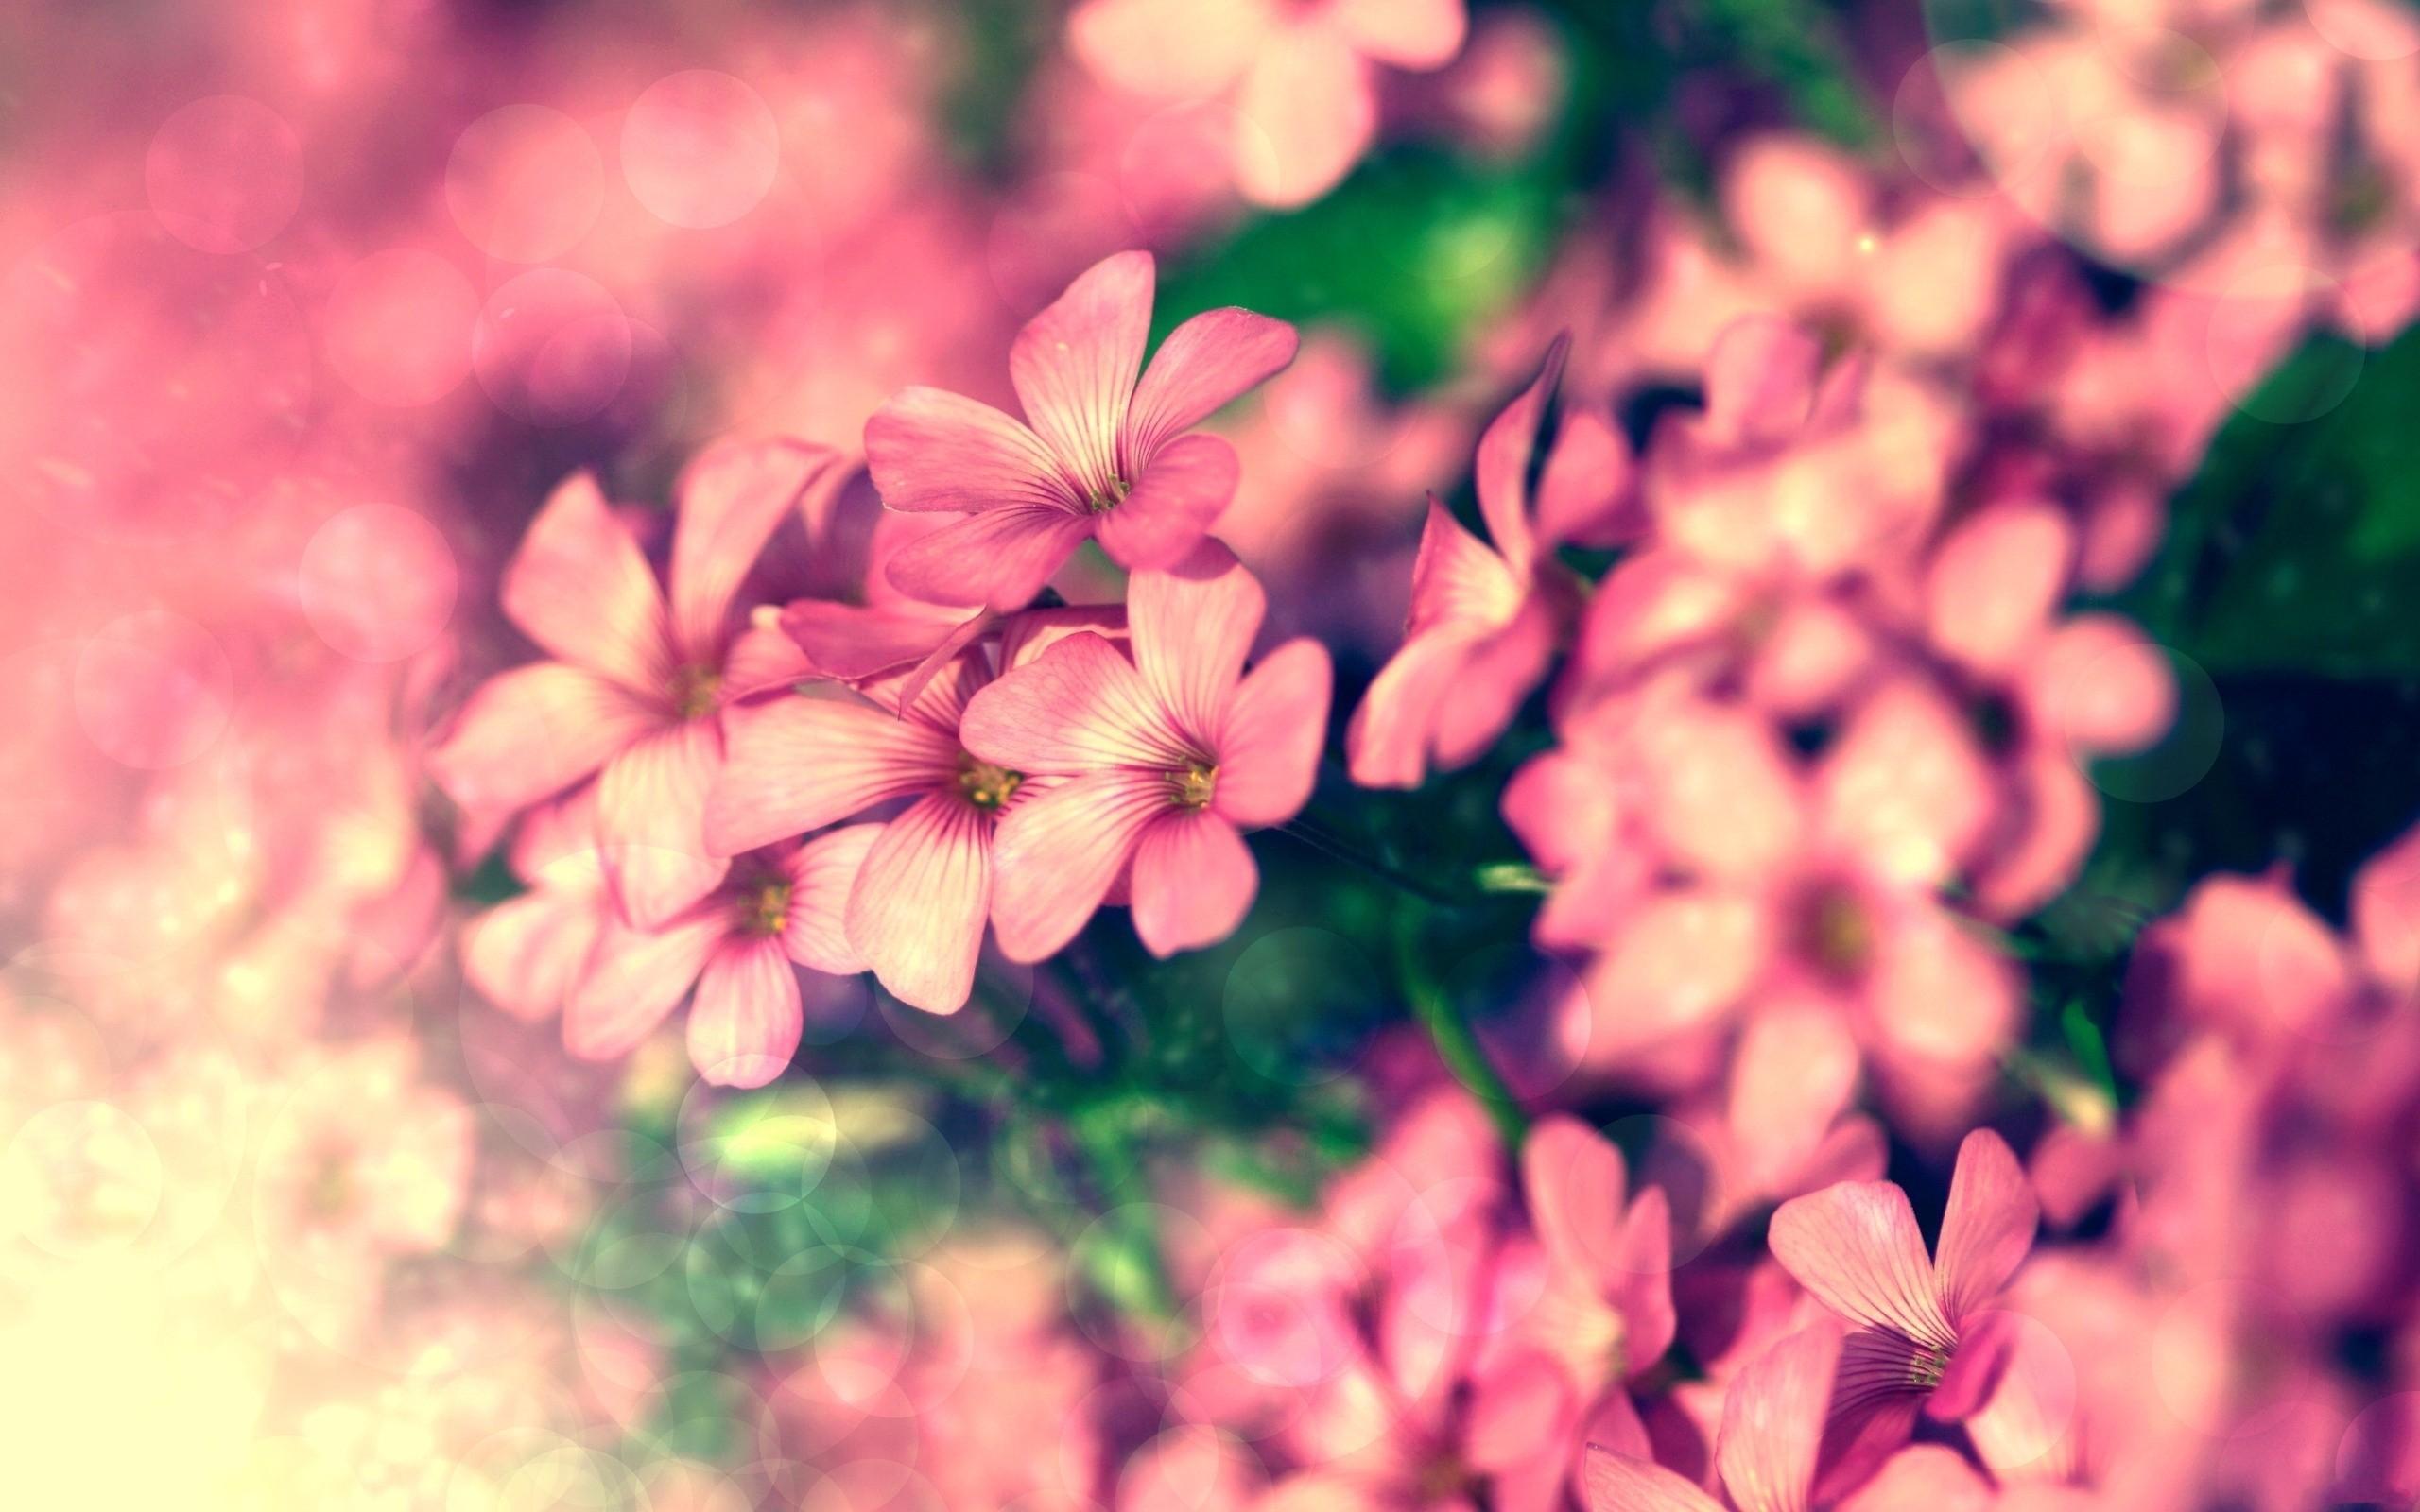 цветок, макро, розовый, природа, растения  № 695885 бесплатно